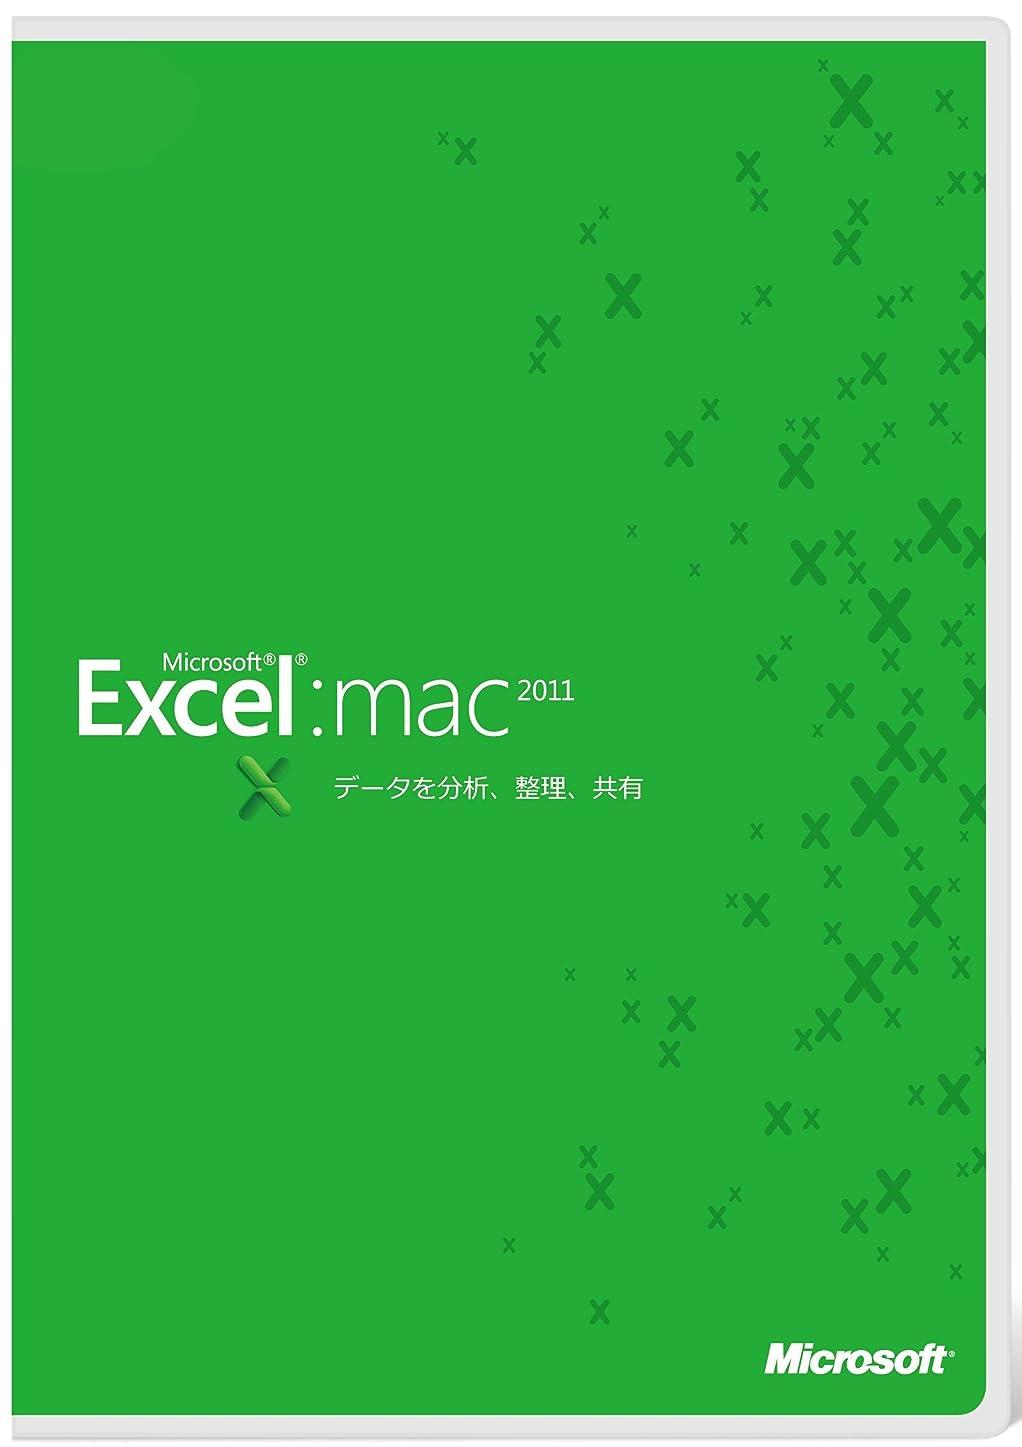 ジム安定しました怠惰【旧商品】Microsoft Excel for Mac 2011 [パッケージ]